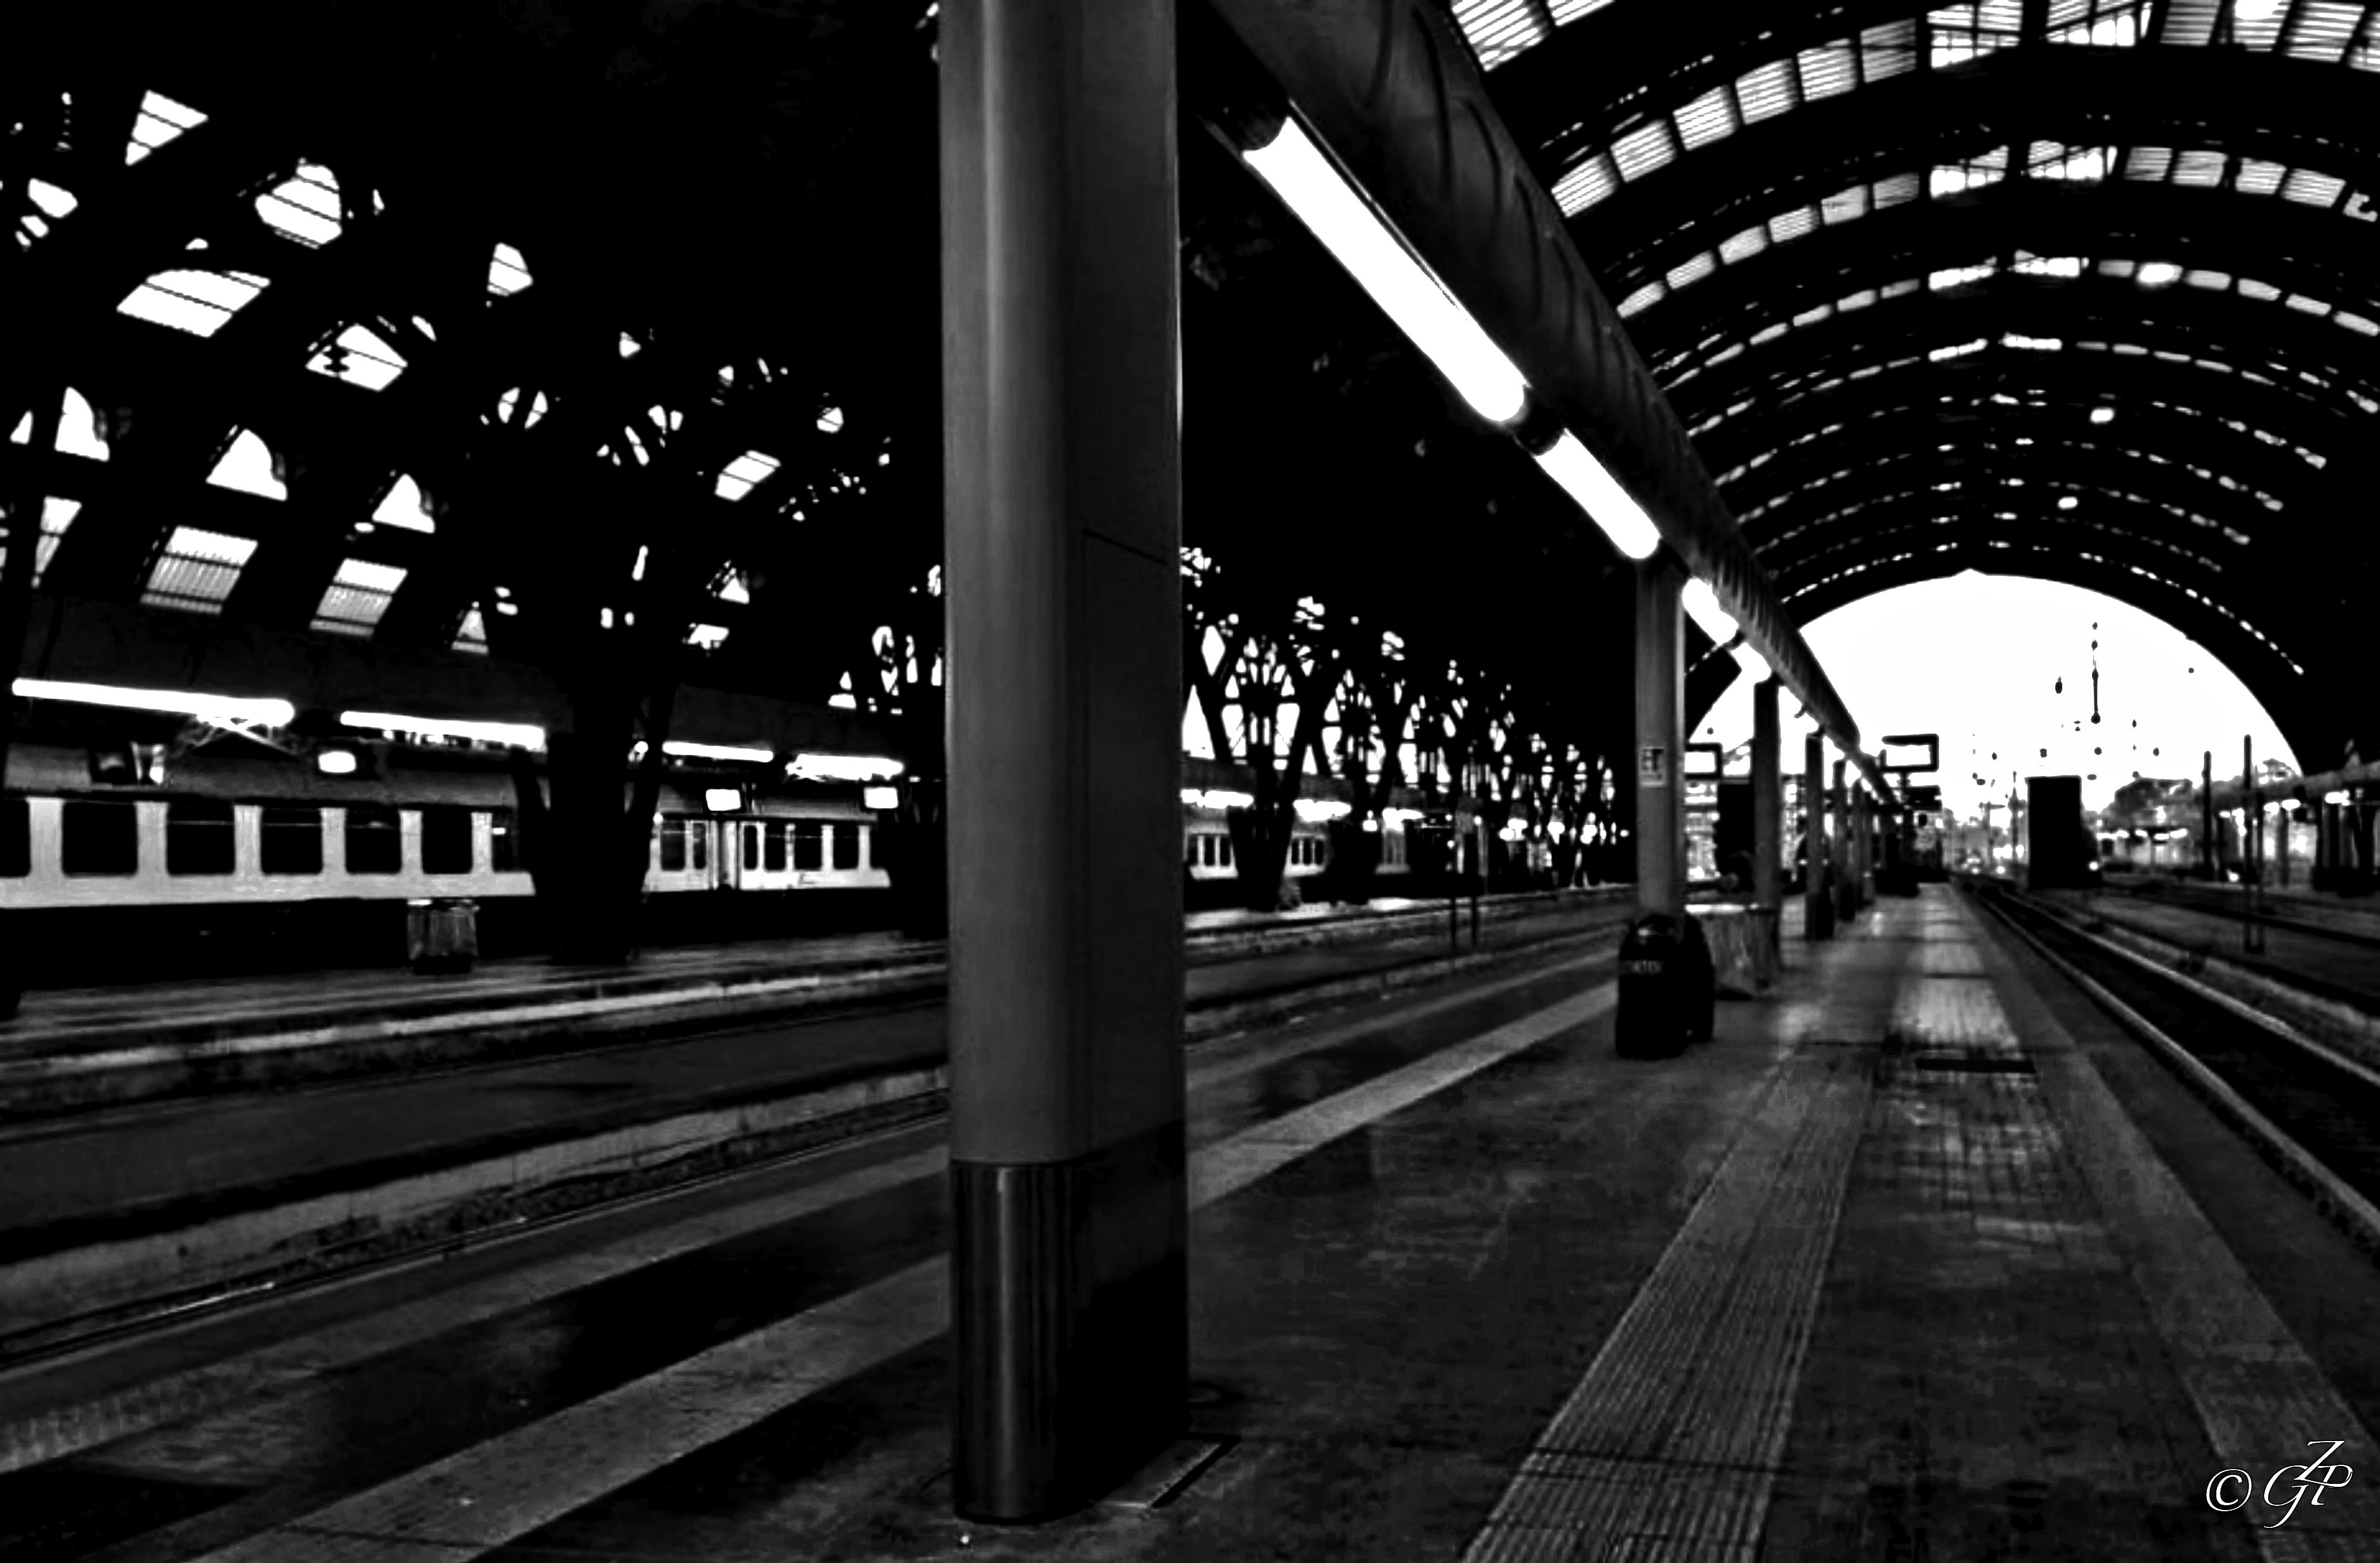 Sfondi Noire Astratto Italia Stazione Ferroviaria Ferrovia